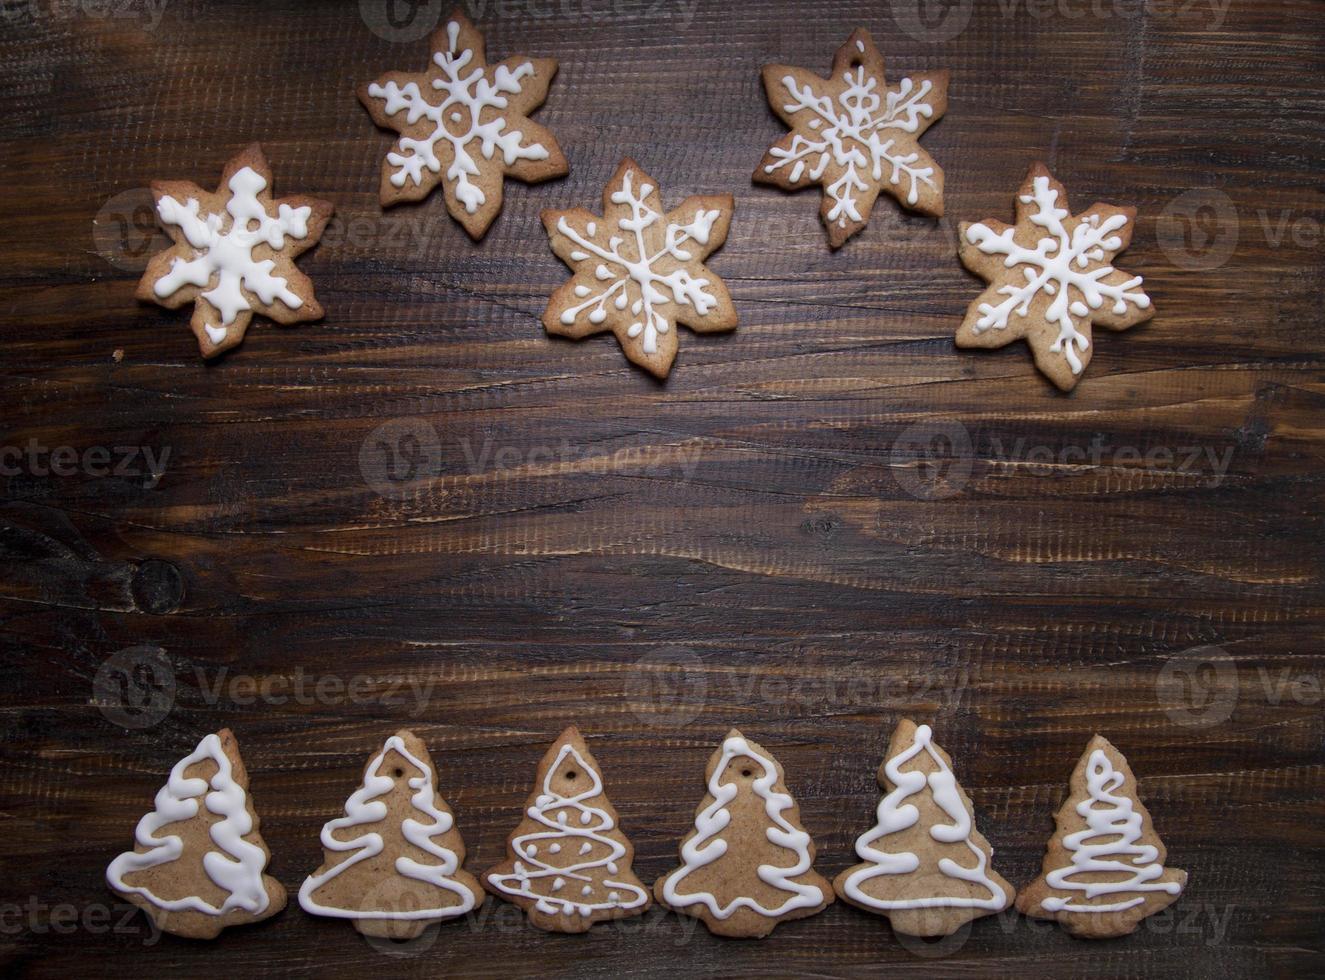 Fondo de Navidad con galletas decoradas con glaseado, sobre una plancha de madera. foto